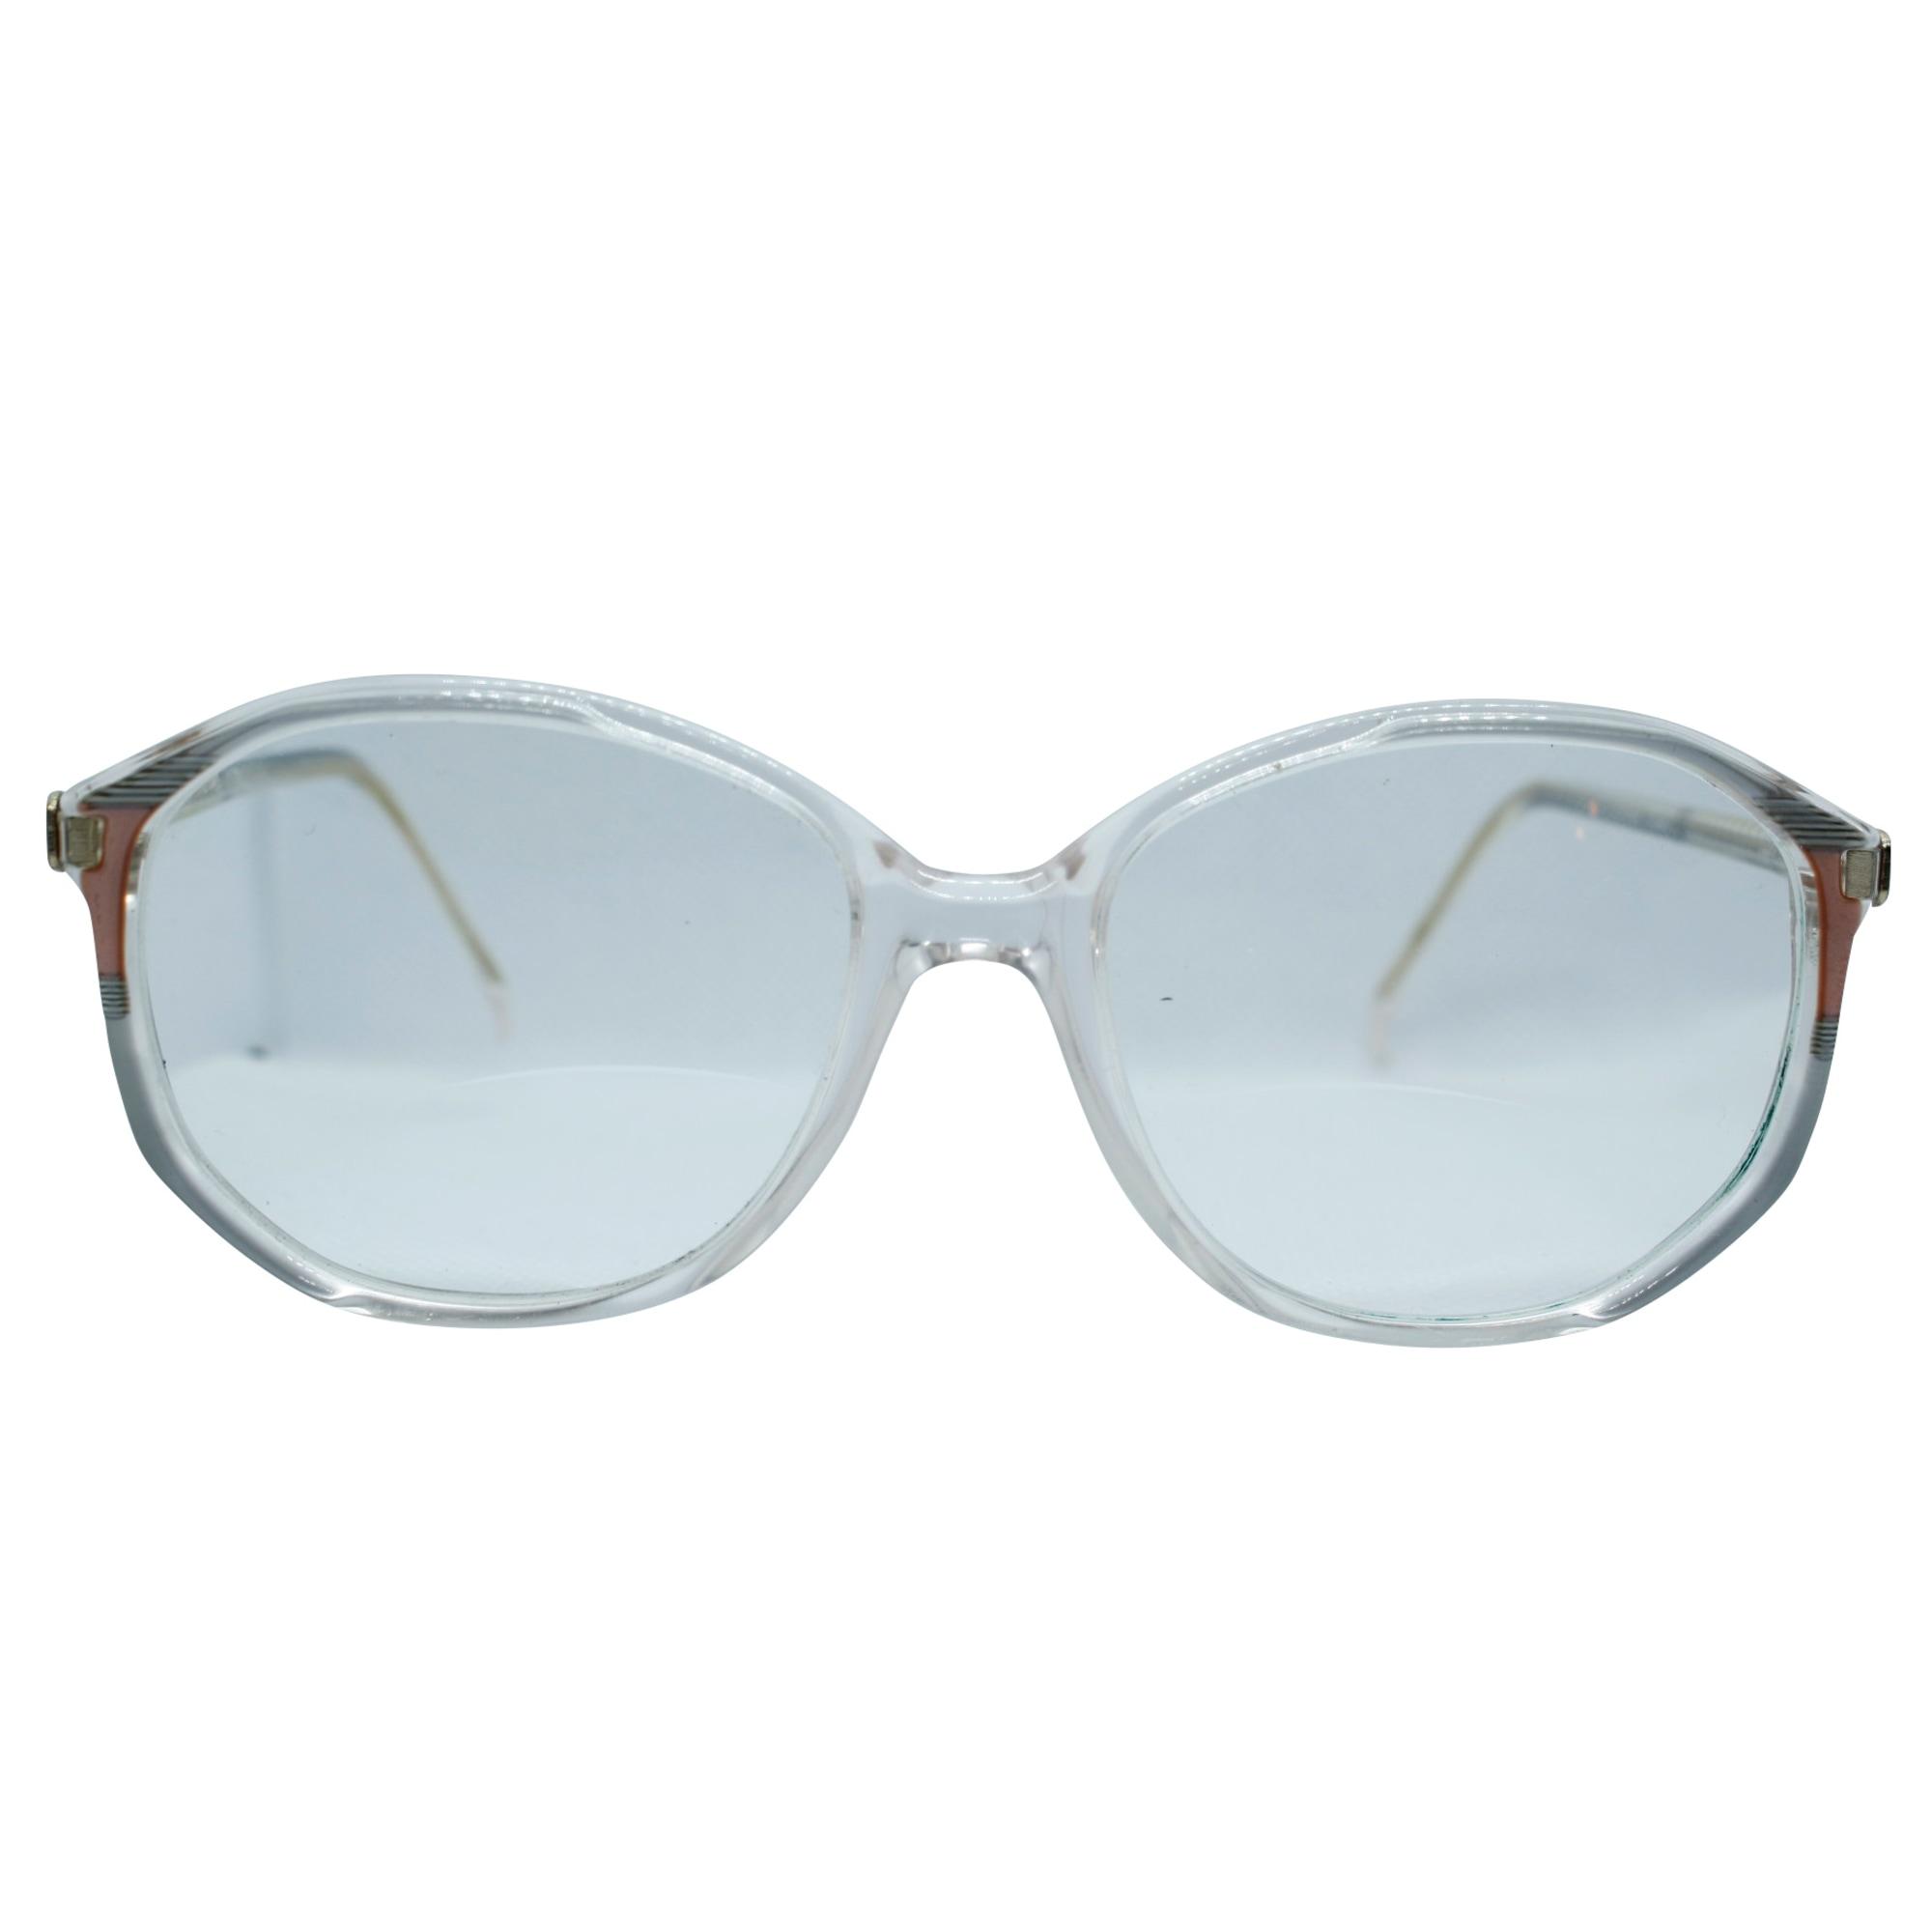 Monture de lunettes EMILIO PUCCI transparent